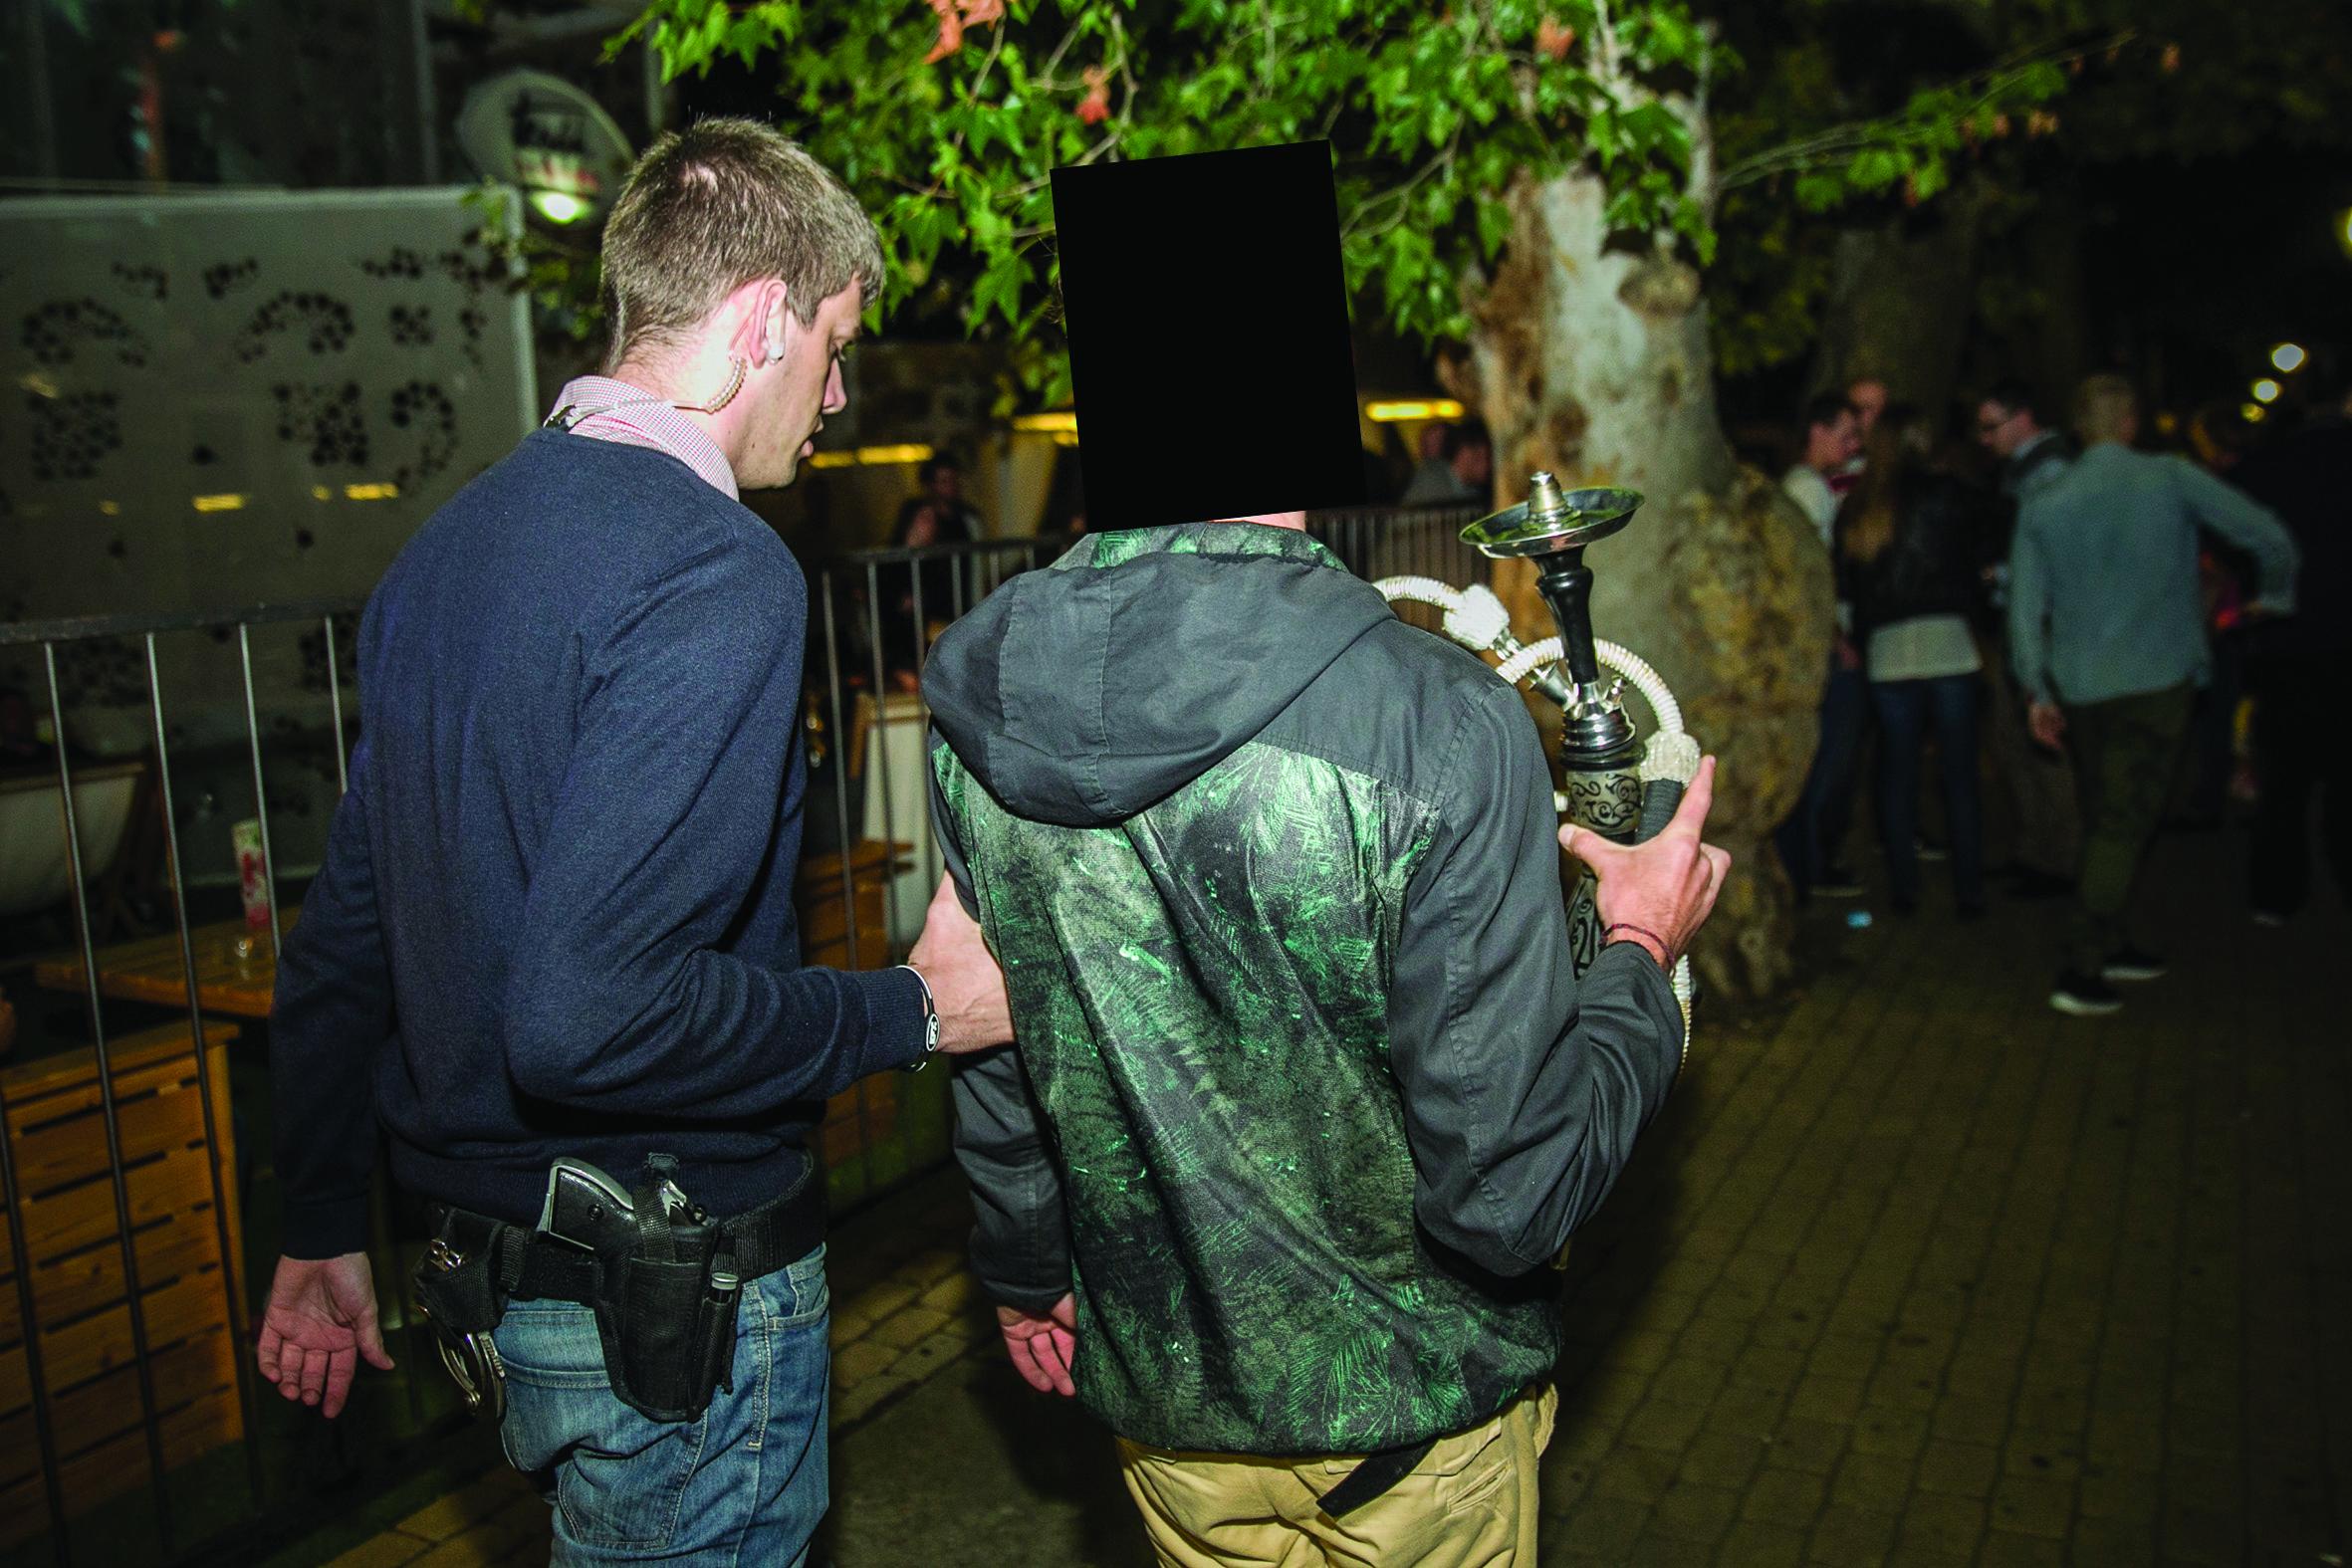 Arcfelismerő rendszert telepítenek a siófoki Petőfi sétány térfigyelő kameráira